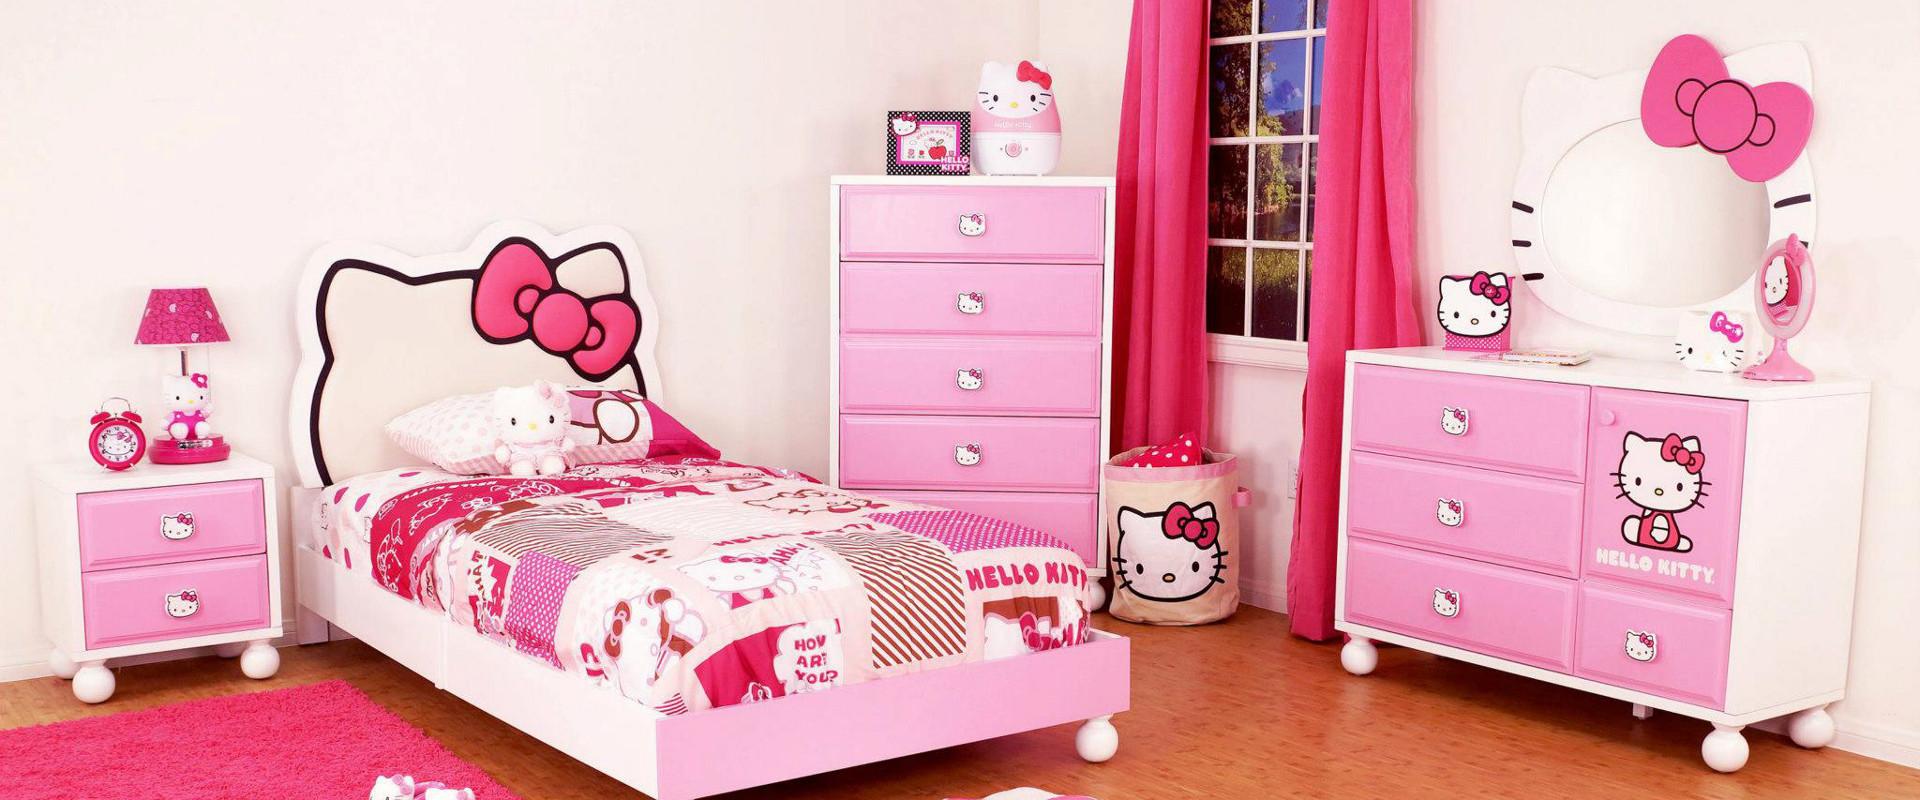 decoratie aan de muur in de meiden slaapkamer - sfeer en living, Deco ideeën